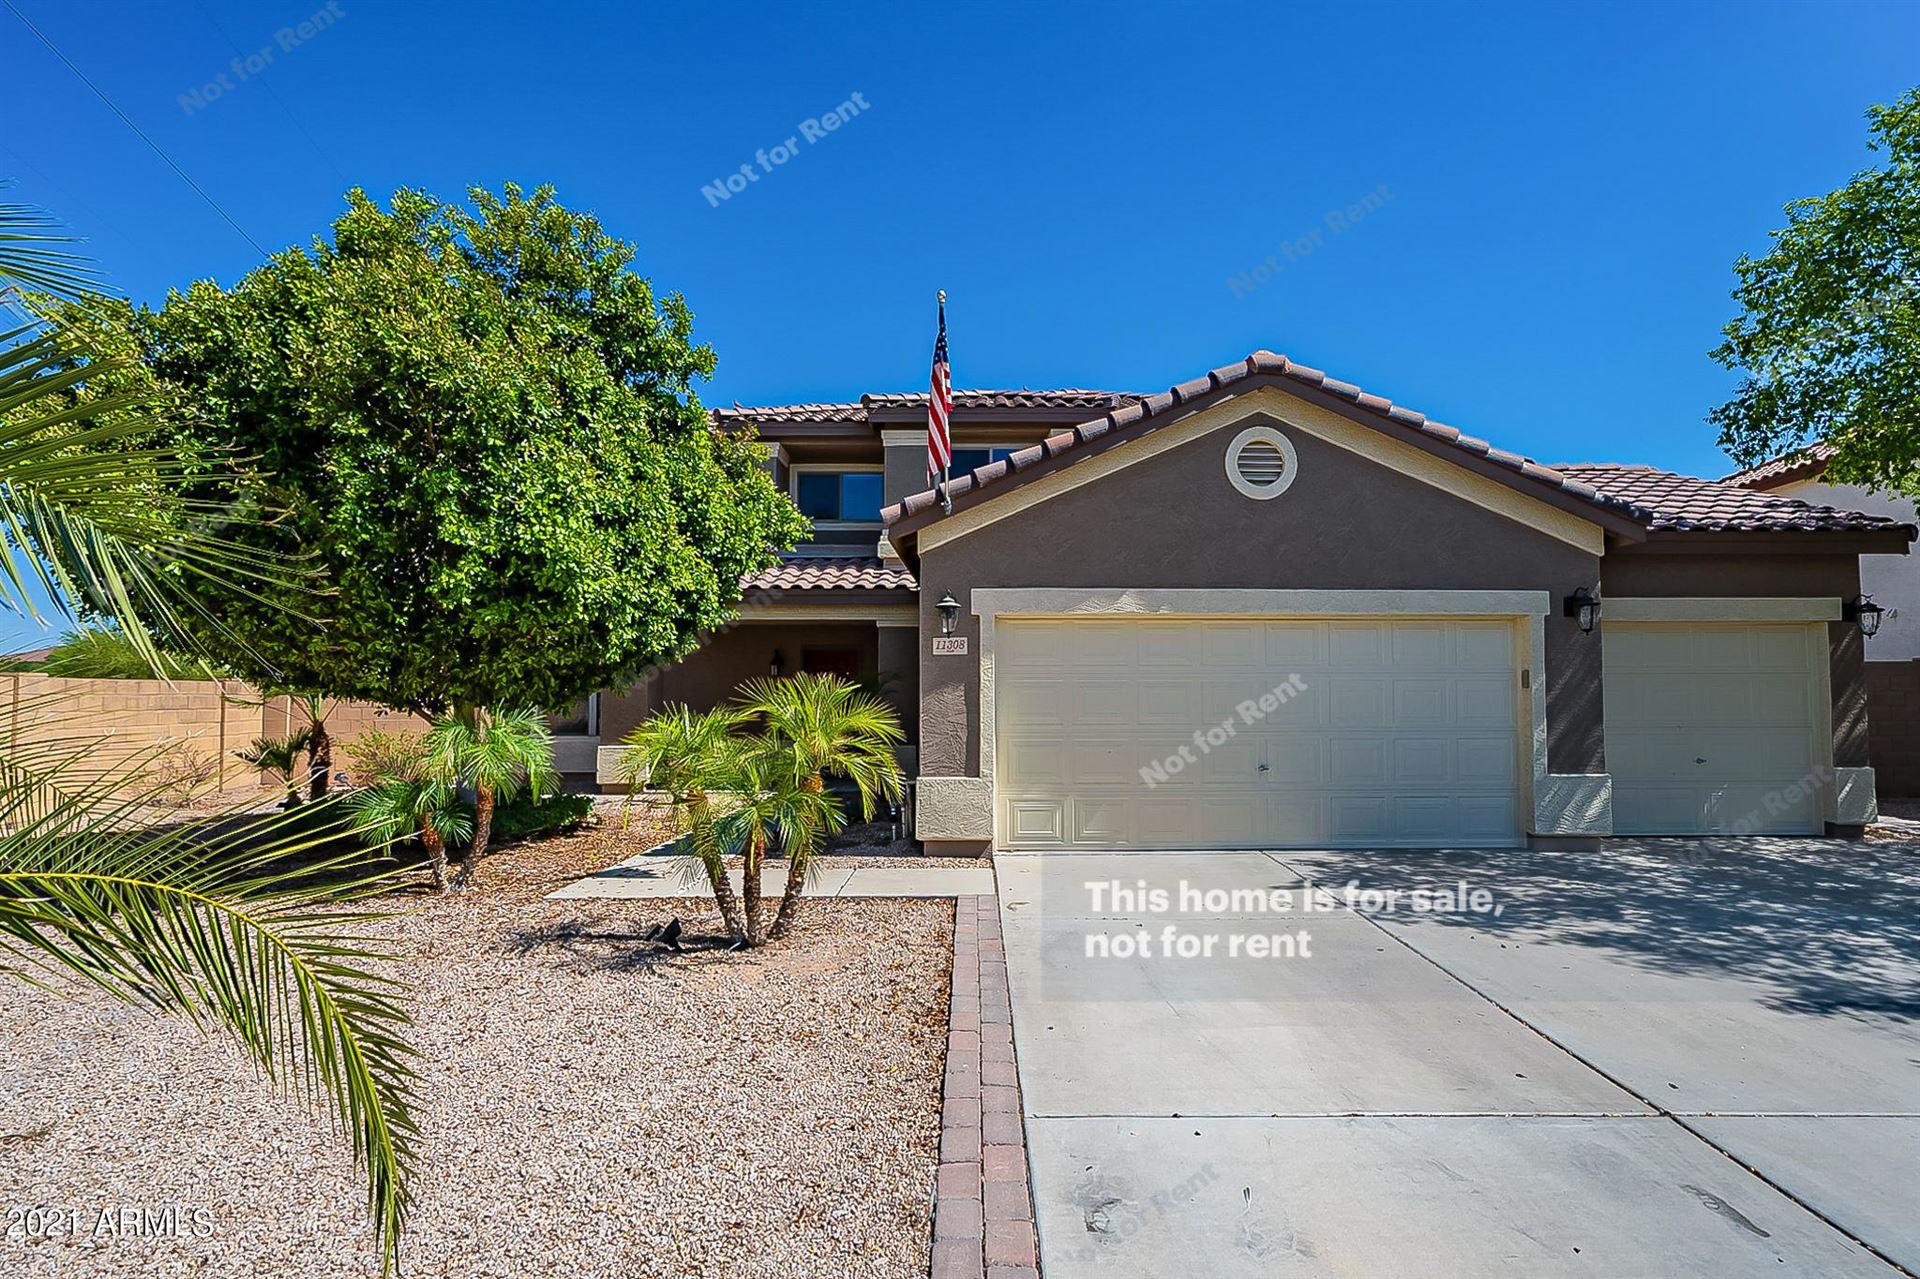 11308 E RENATA Circle, Mesa, AZ 85212 - MLS#: 6256675